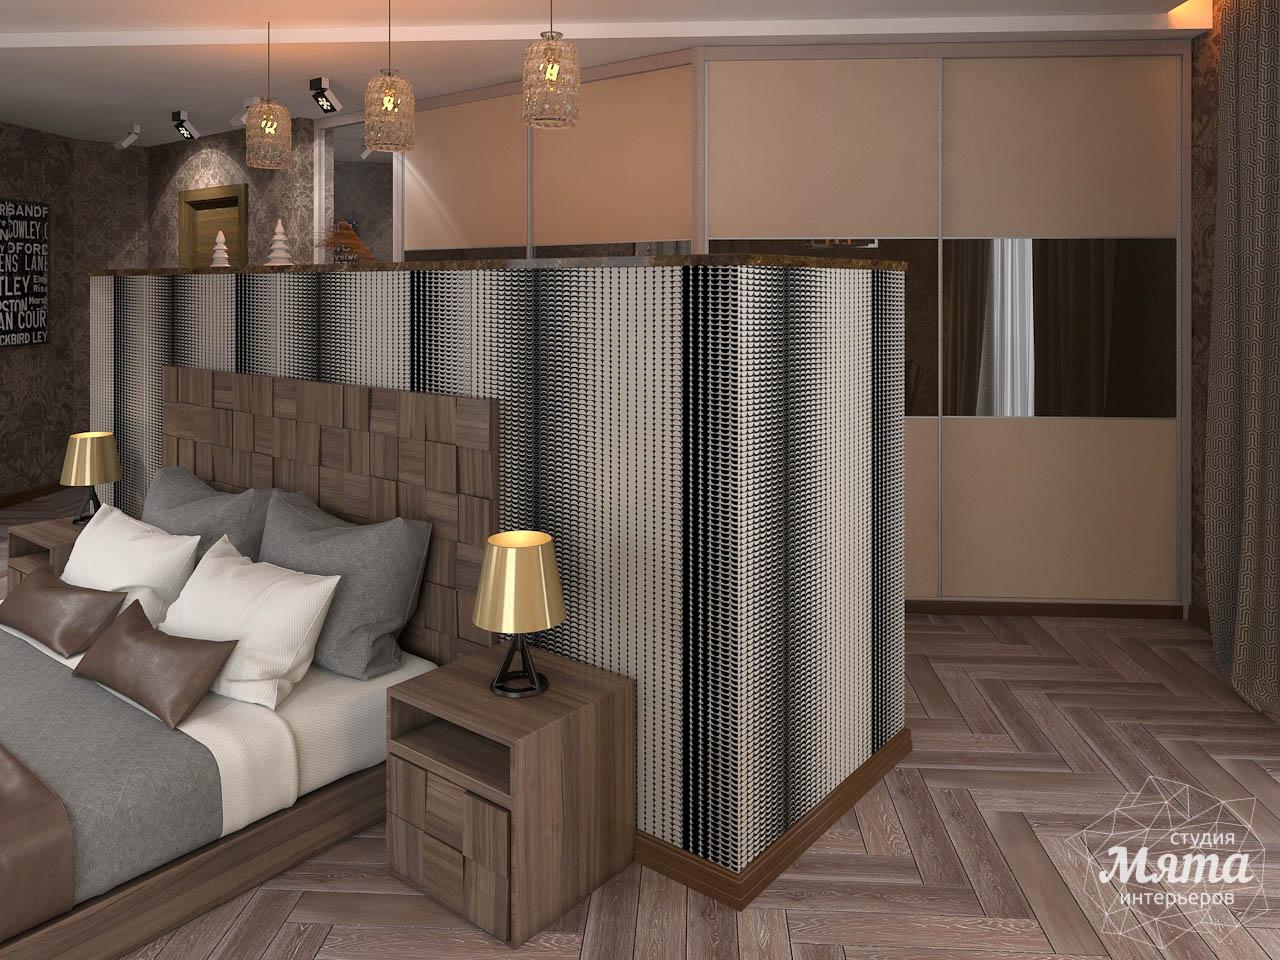 Дизайн интерьера коттеджа в п. Дубрава img864725109